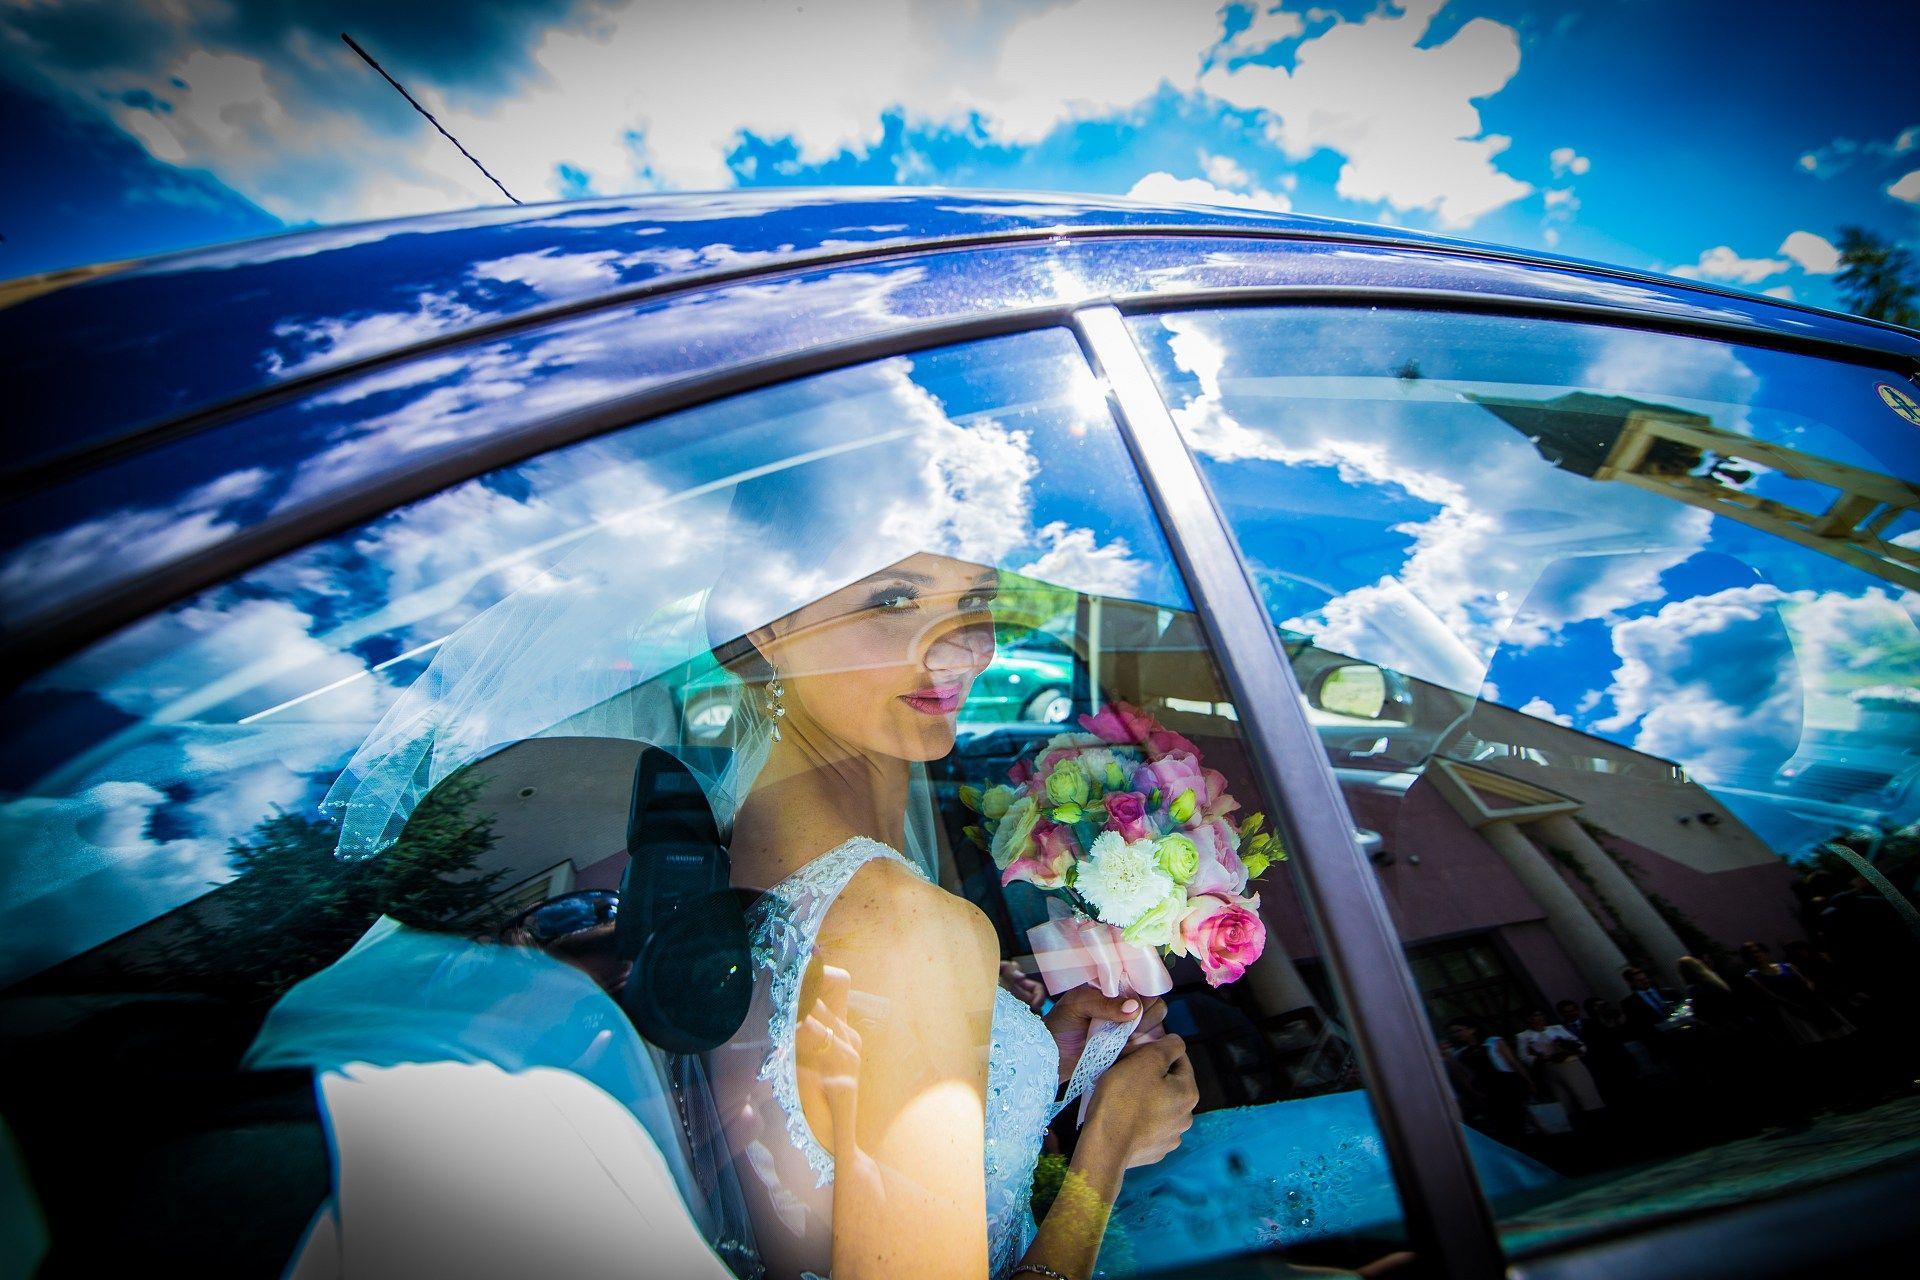 fotografia ślubna katowice, fotograf na ślub śląskie, fotografia ślubna sosnowiec, fotografia ślubna będzin